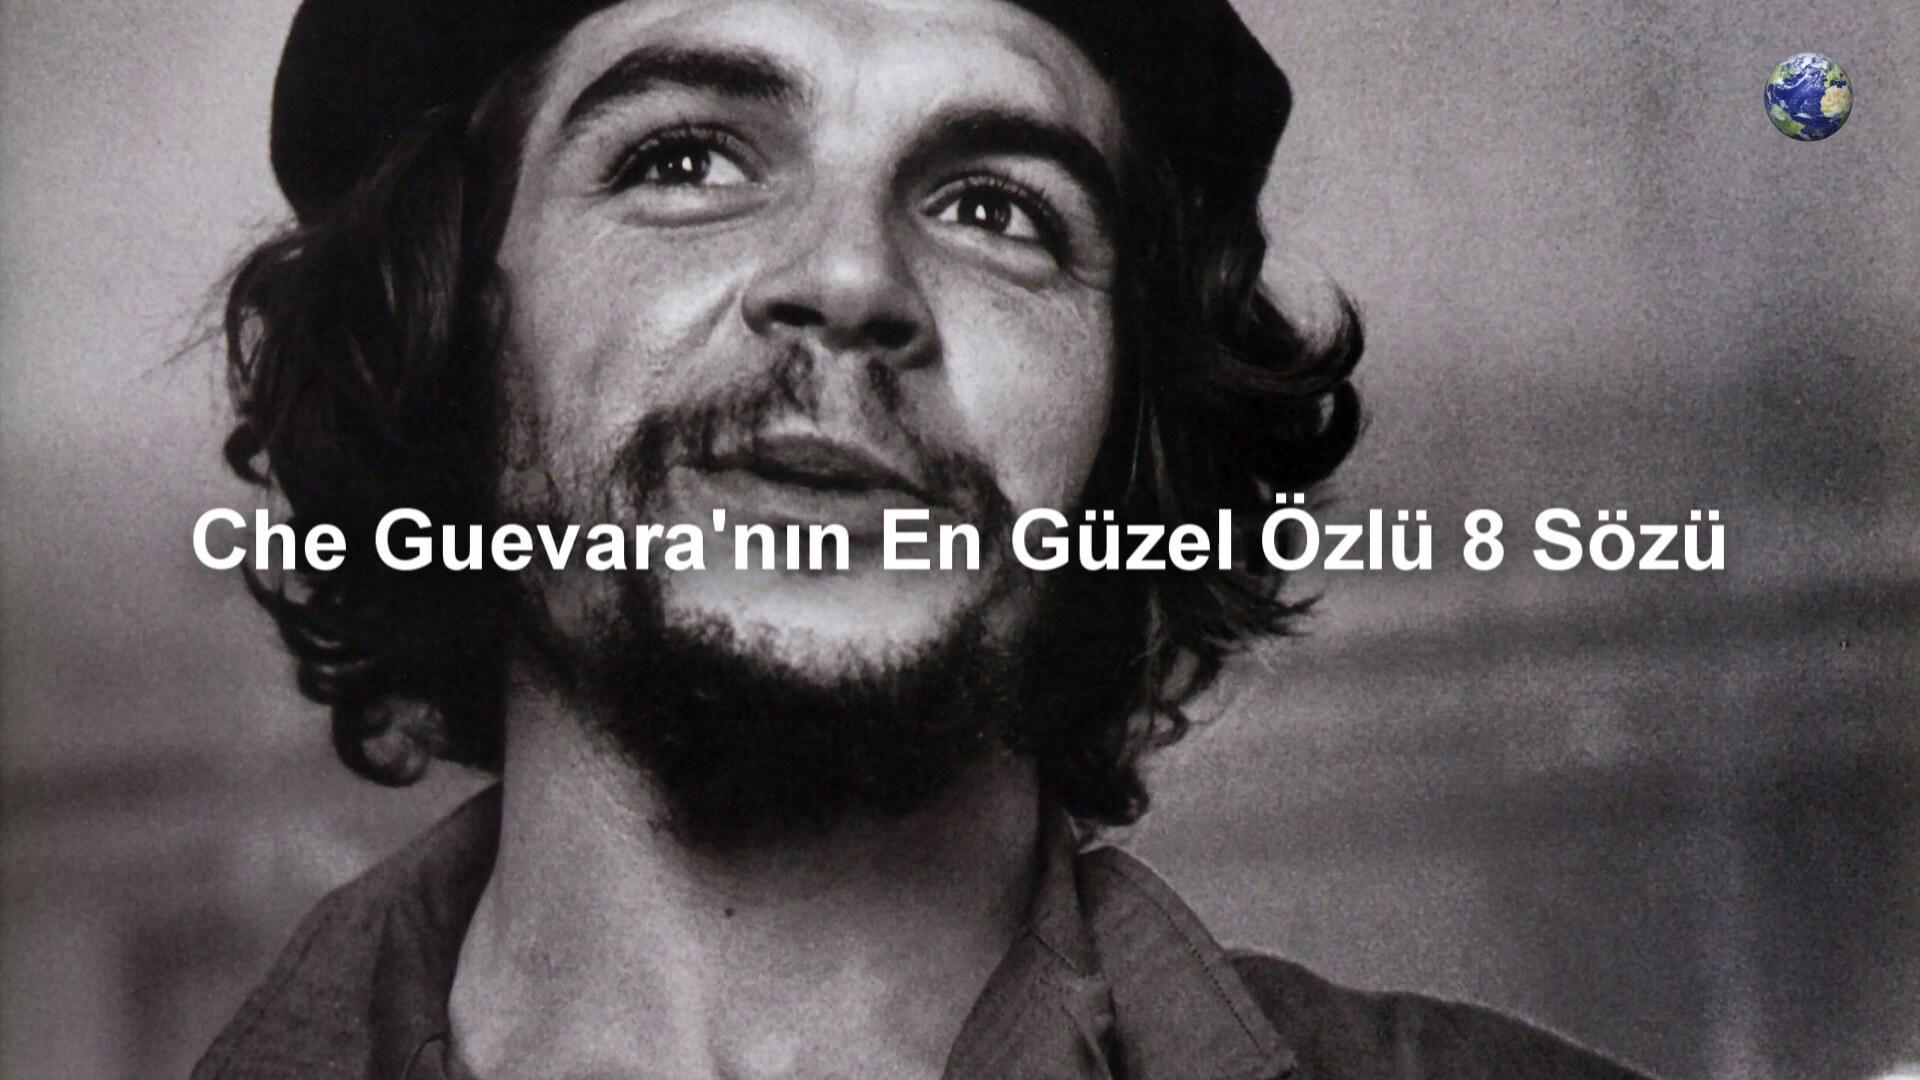 Che Guevaranın En Güzel özlü 8 Sözü Dünyanın Enleri Izlesenecom